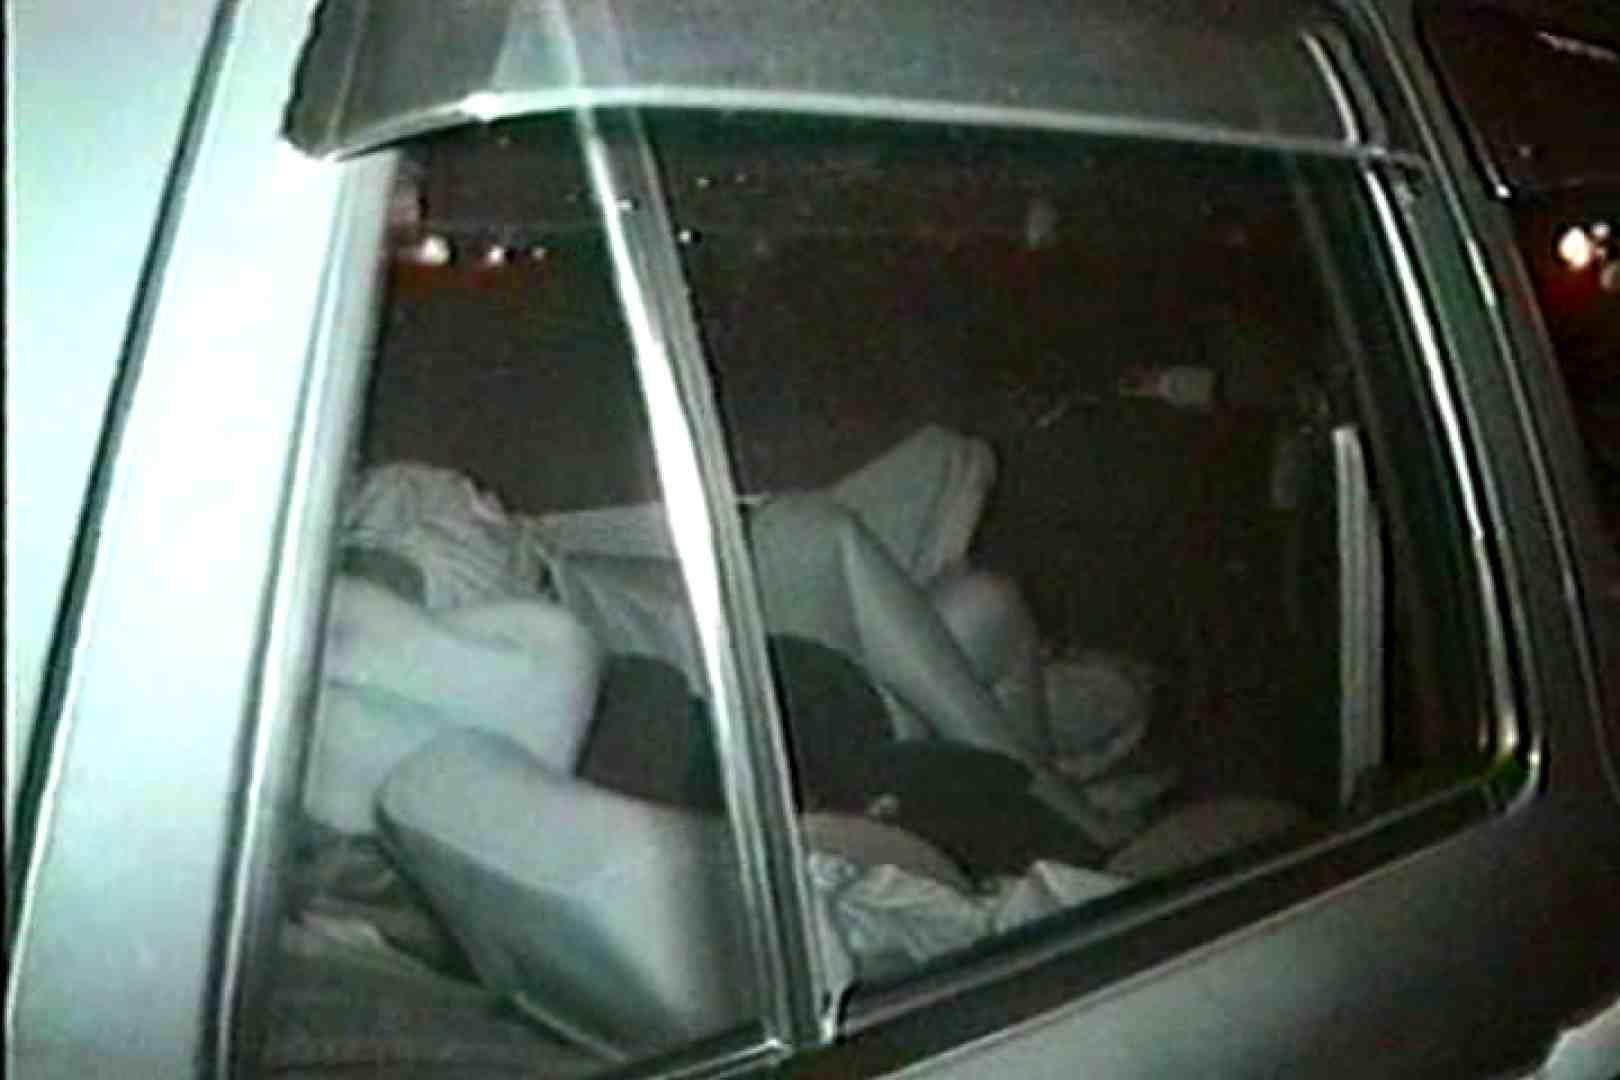 車の中はラブホテル 無修正版  Vol.8 人気シリーズ 盗み撮り動画キャプチャ 68連発 30